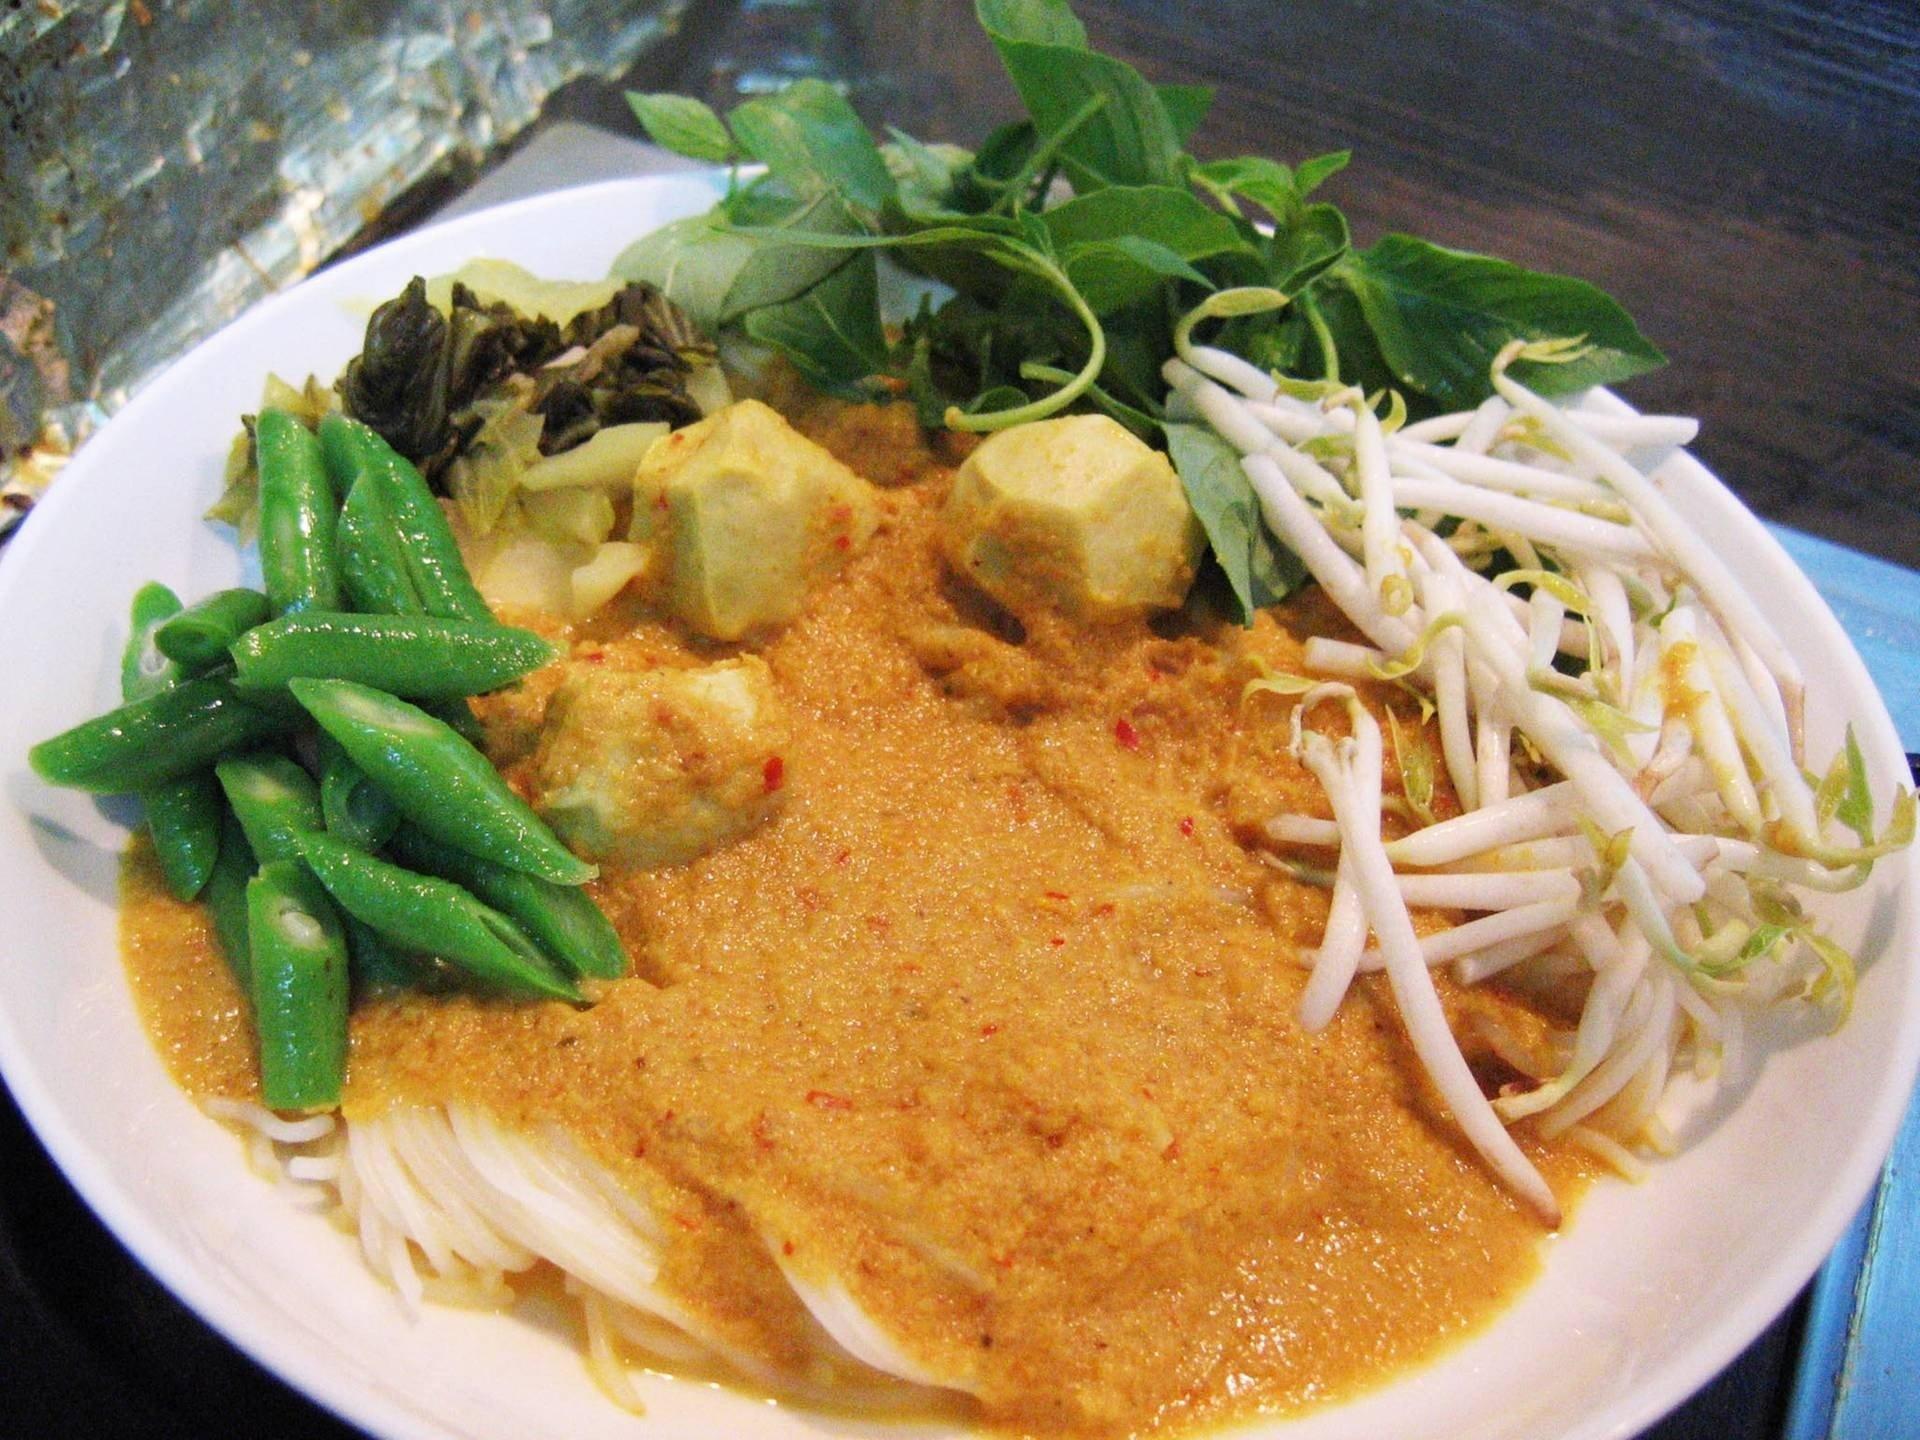 สูตร น้ำยาเห็ดเจ พร้อมวิธีทำโดย Menee - Wongnai Cooking